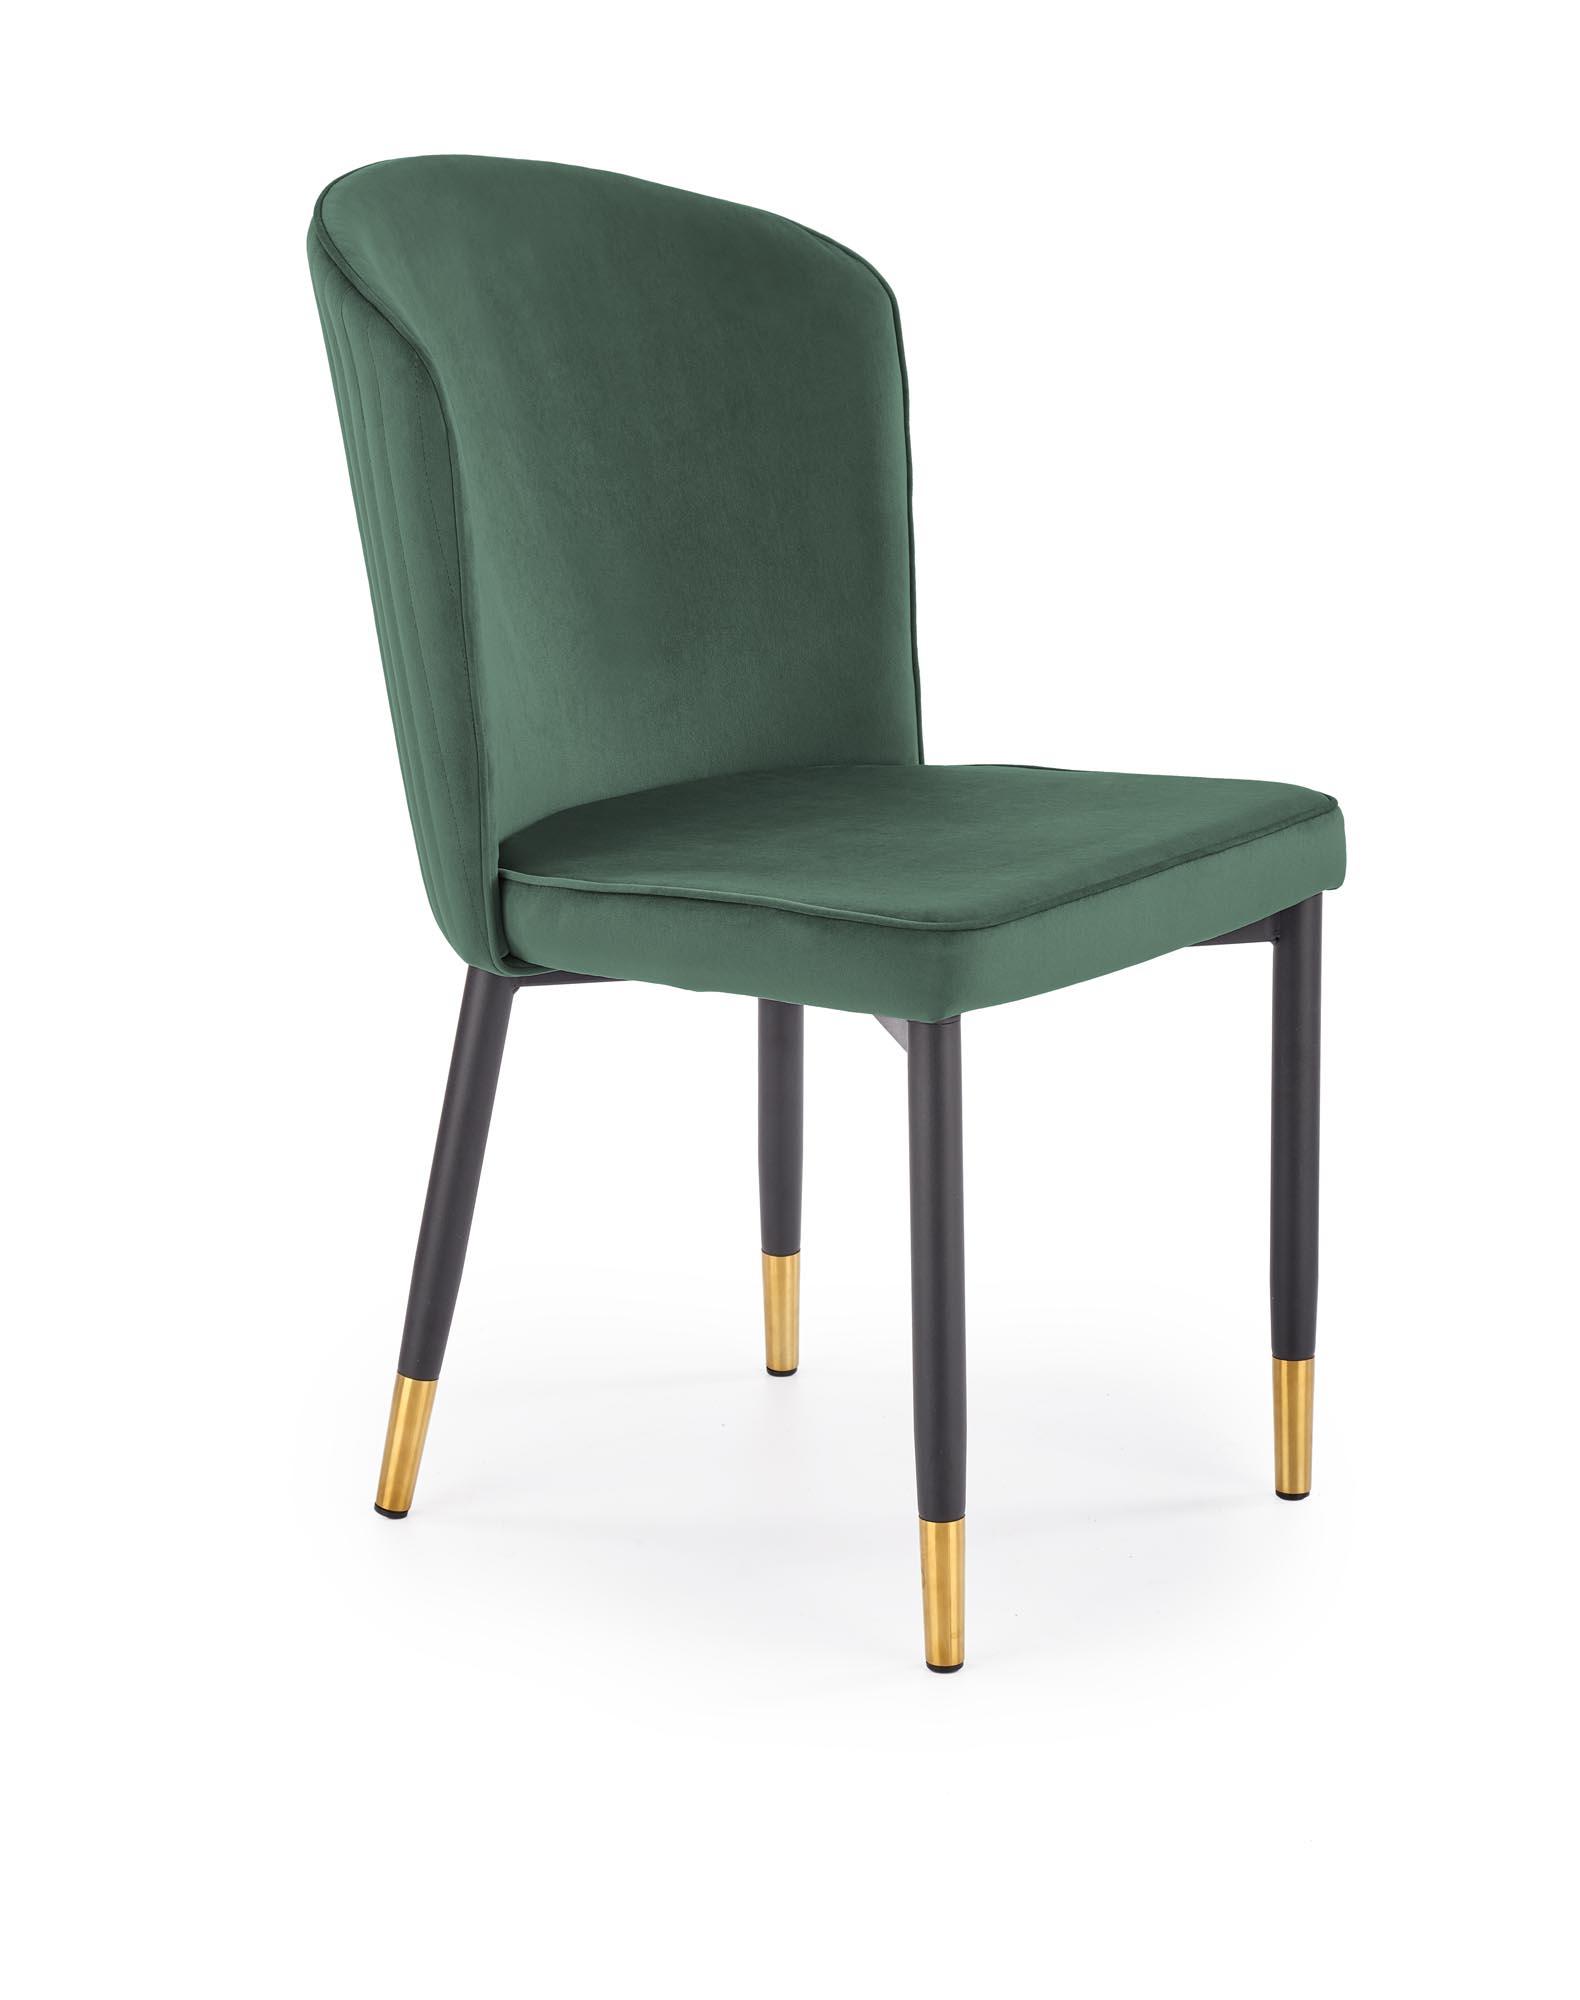 K446 krzesło ciemny zielony